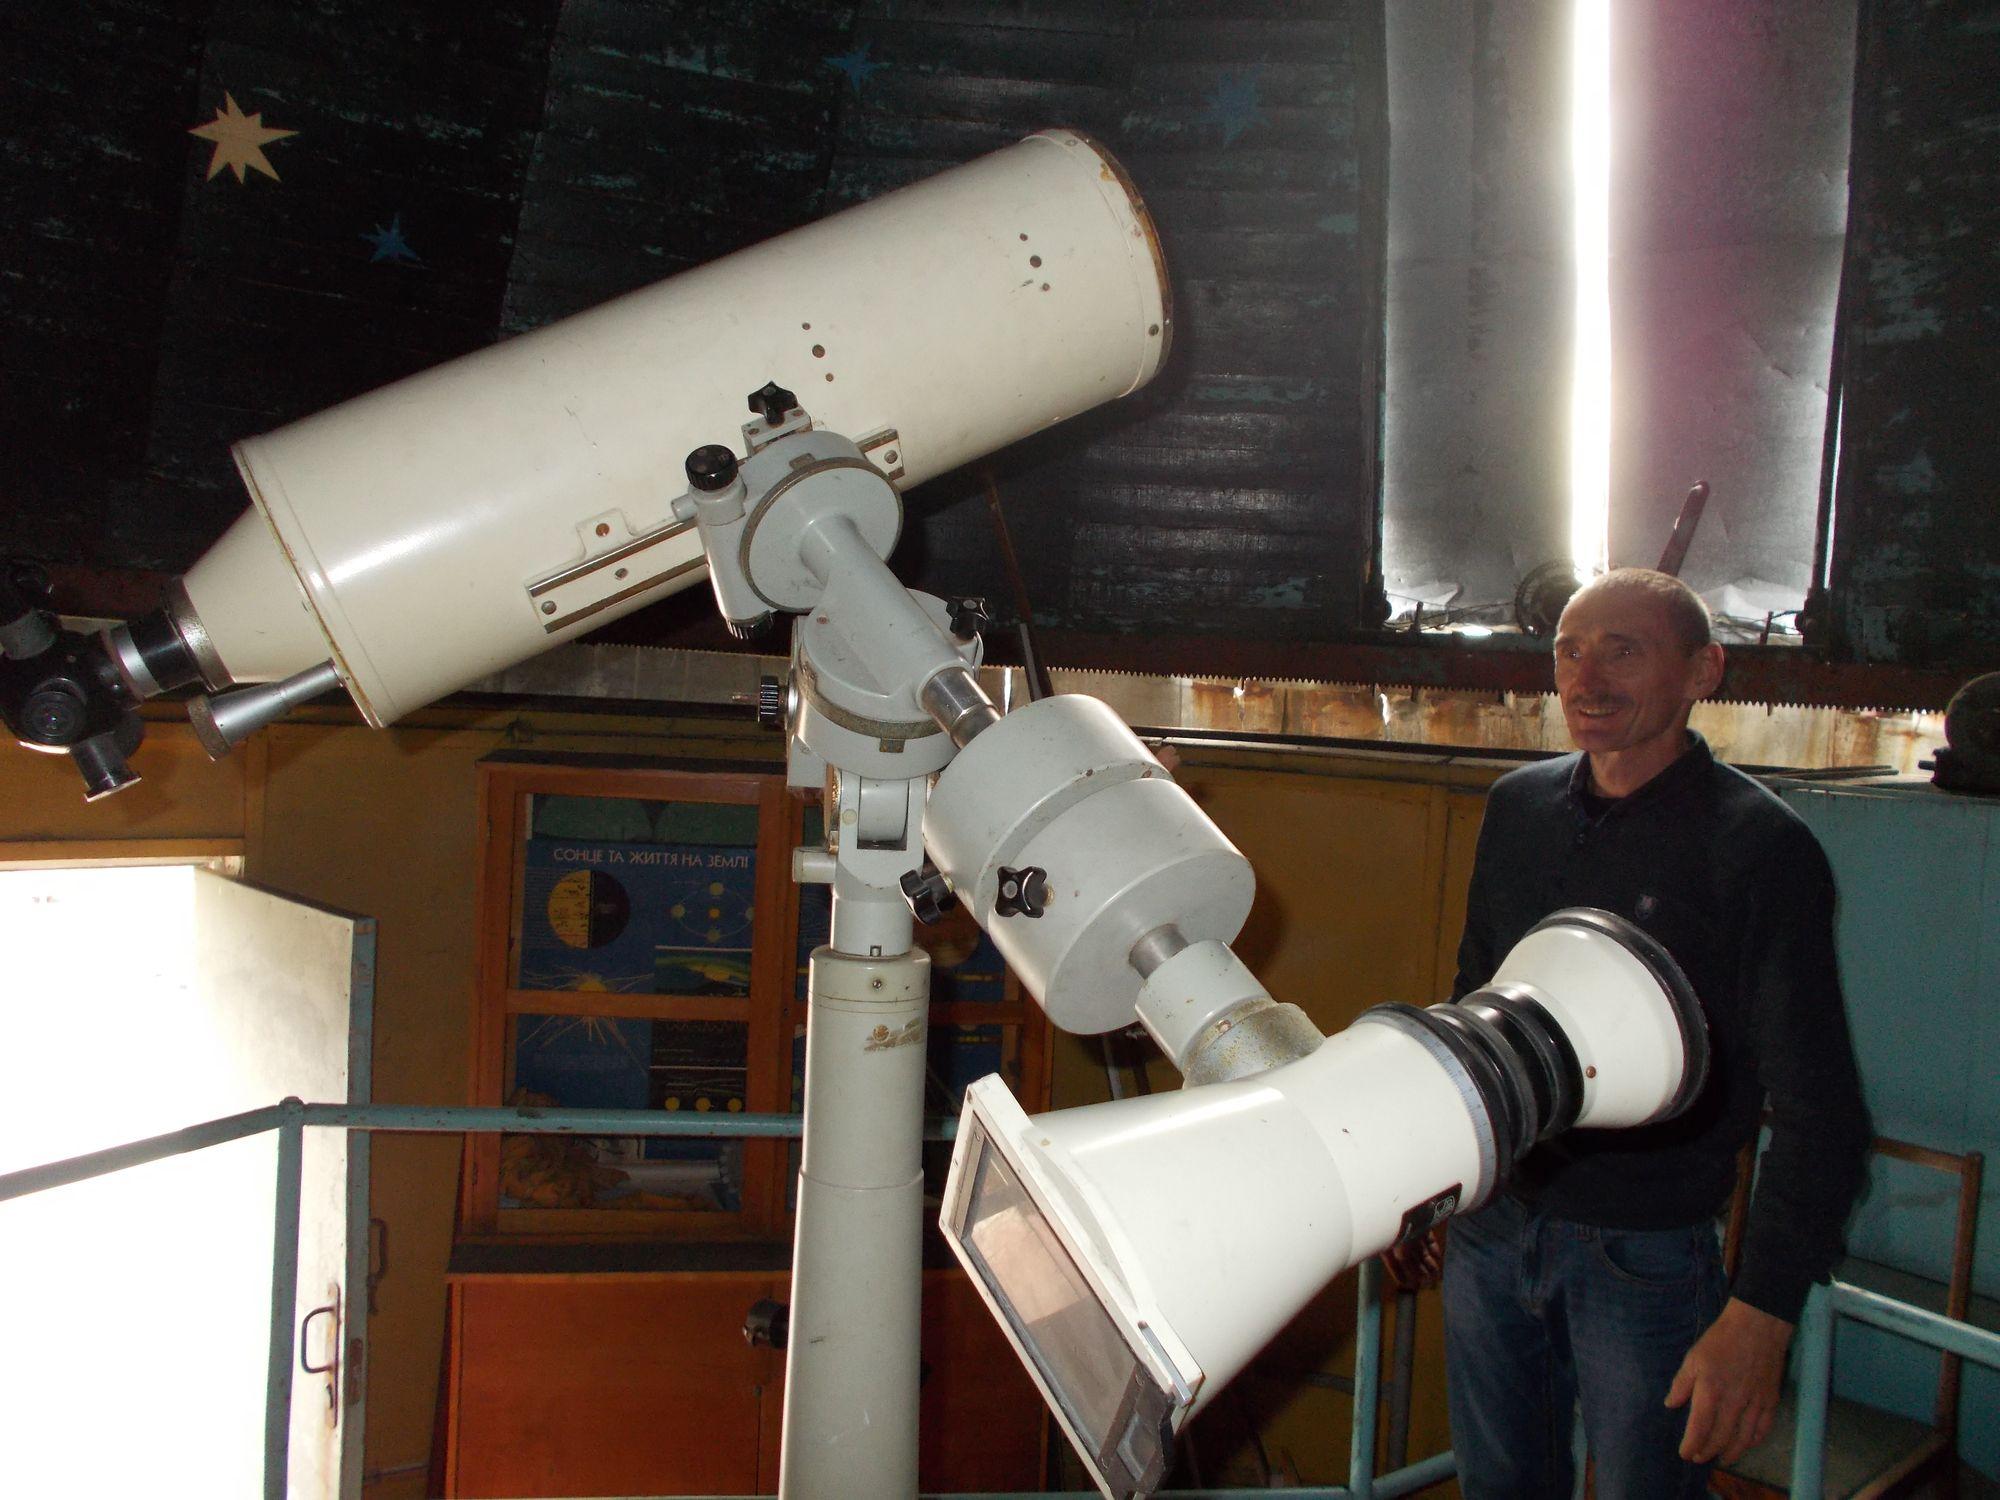 Згаслі міжпланетні амбіції: в чернігівському виші планетарій використовують як музей